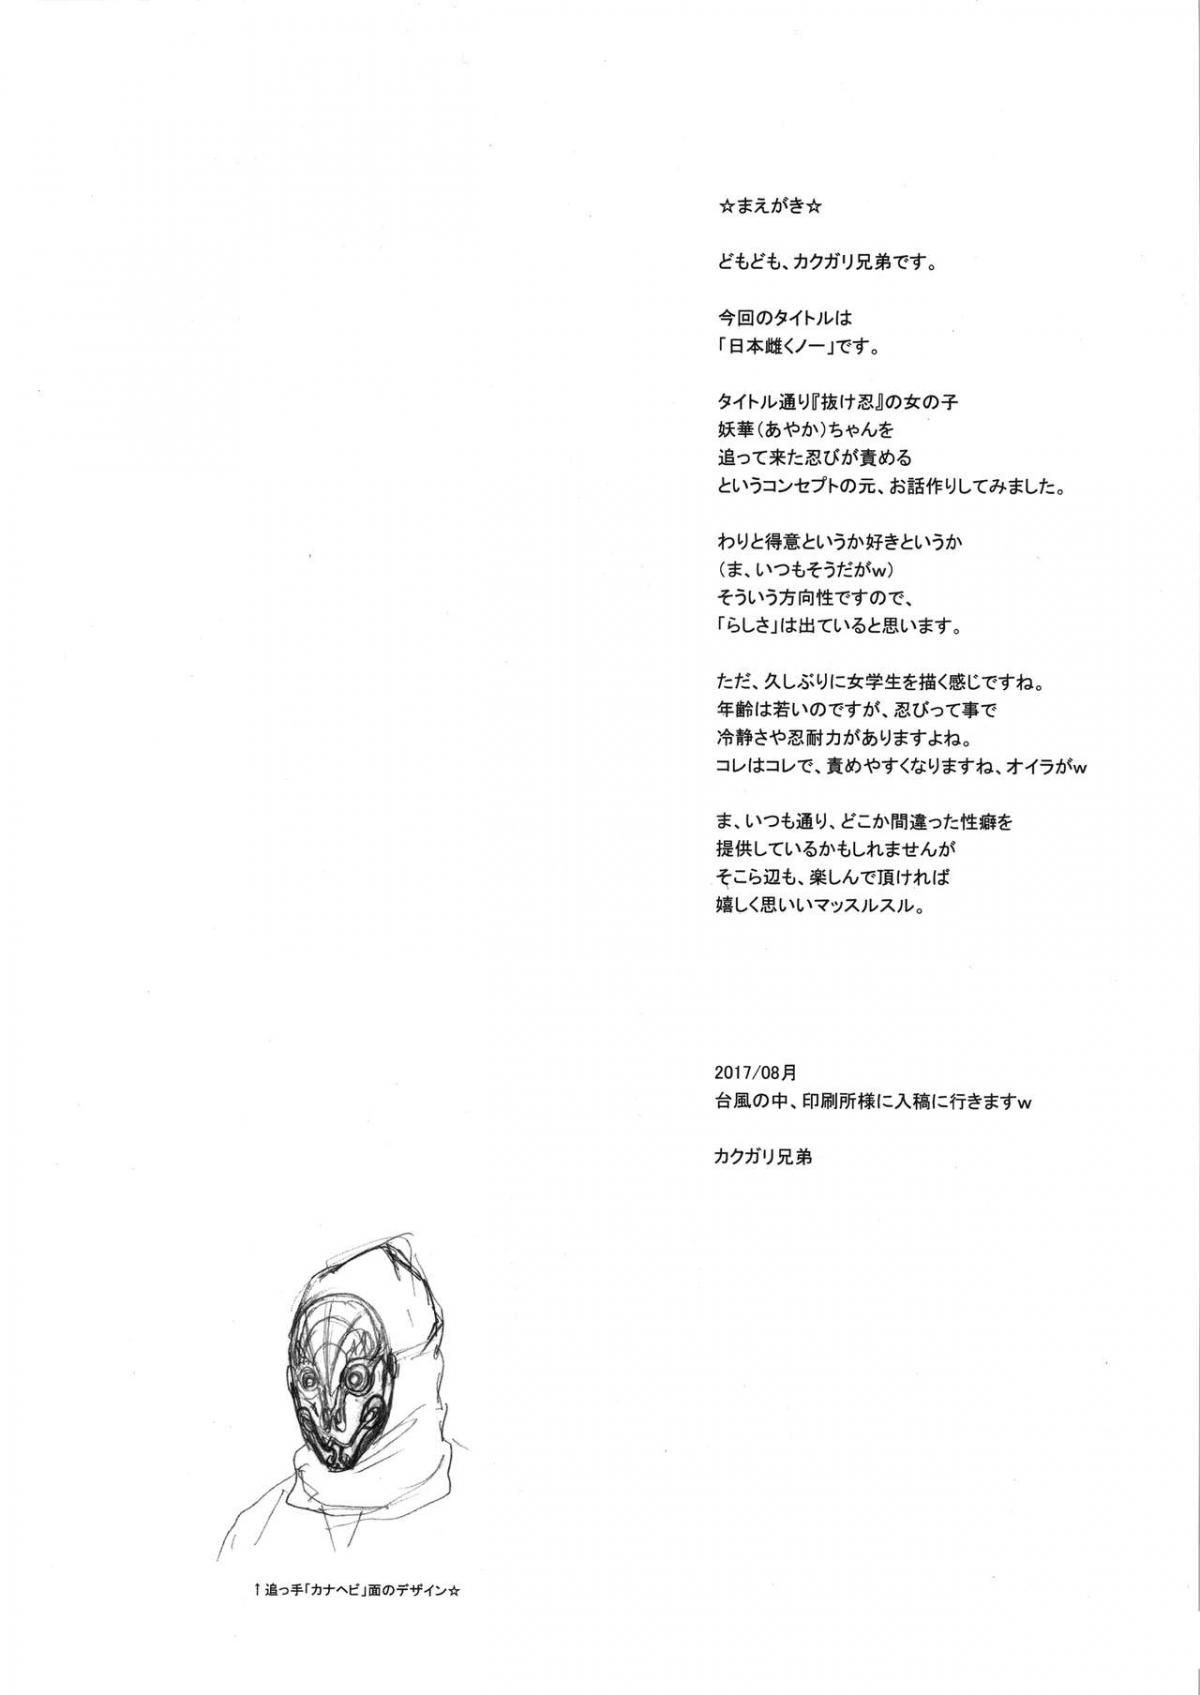 HentaiVN.net - Ảnh 4 - Nippon Mesu Kunoichi - Oneshot